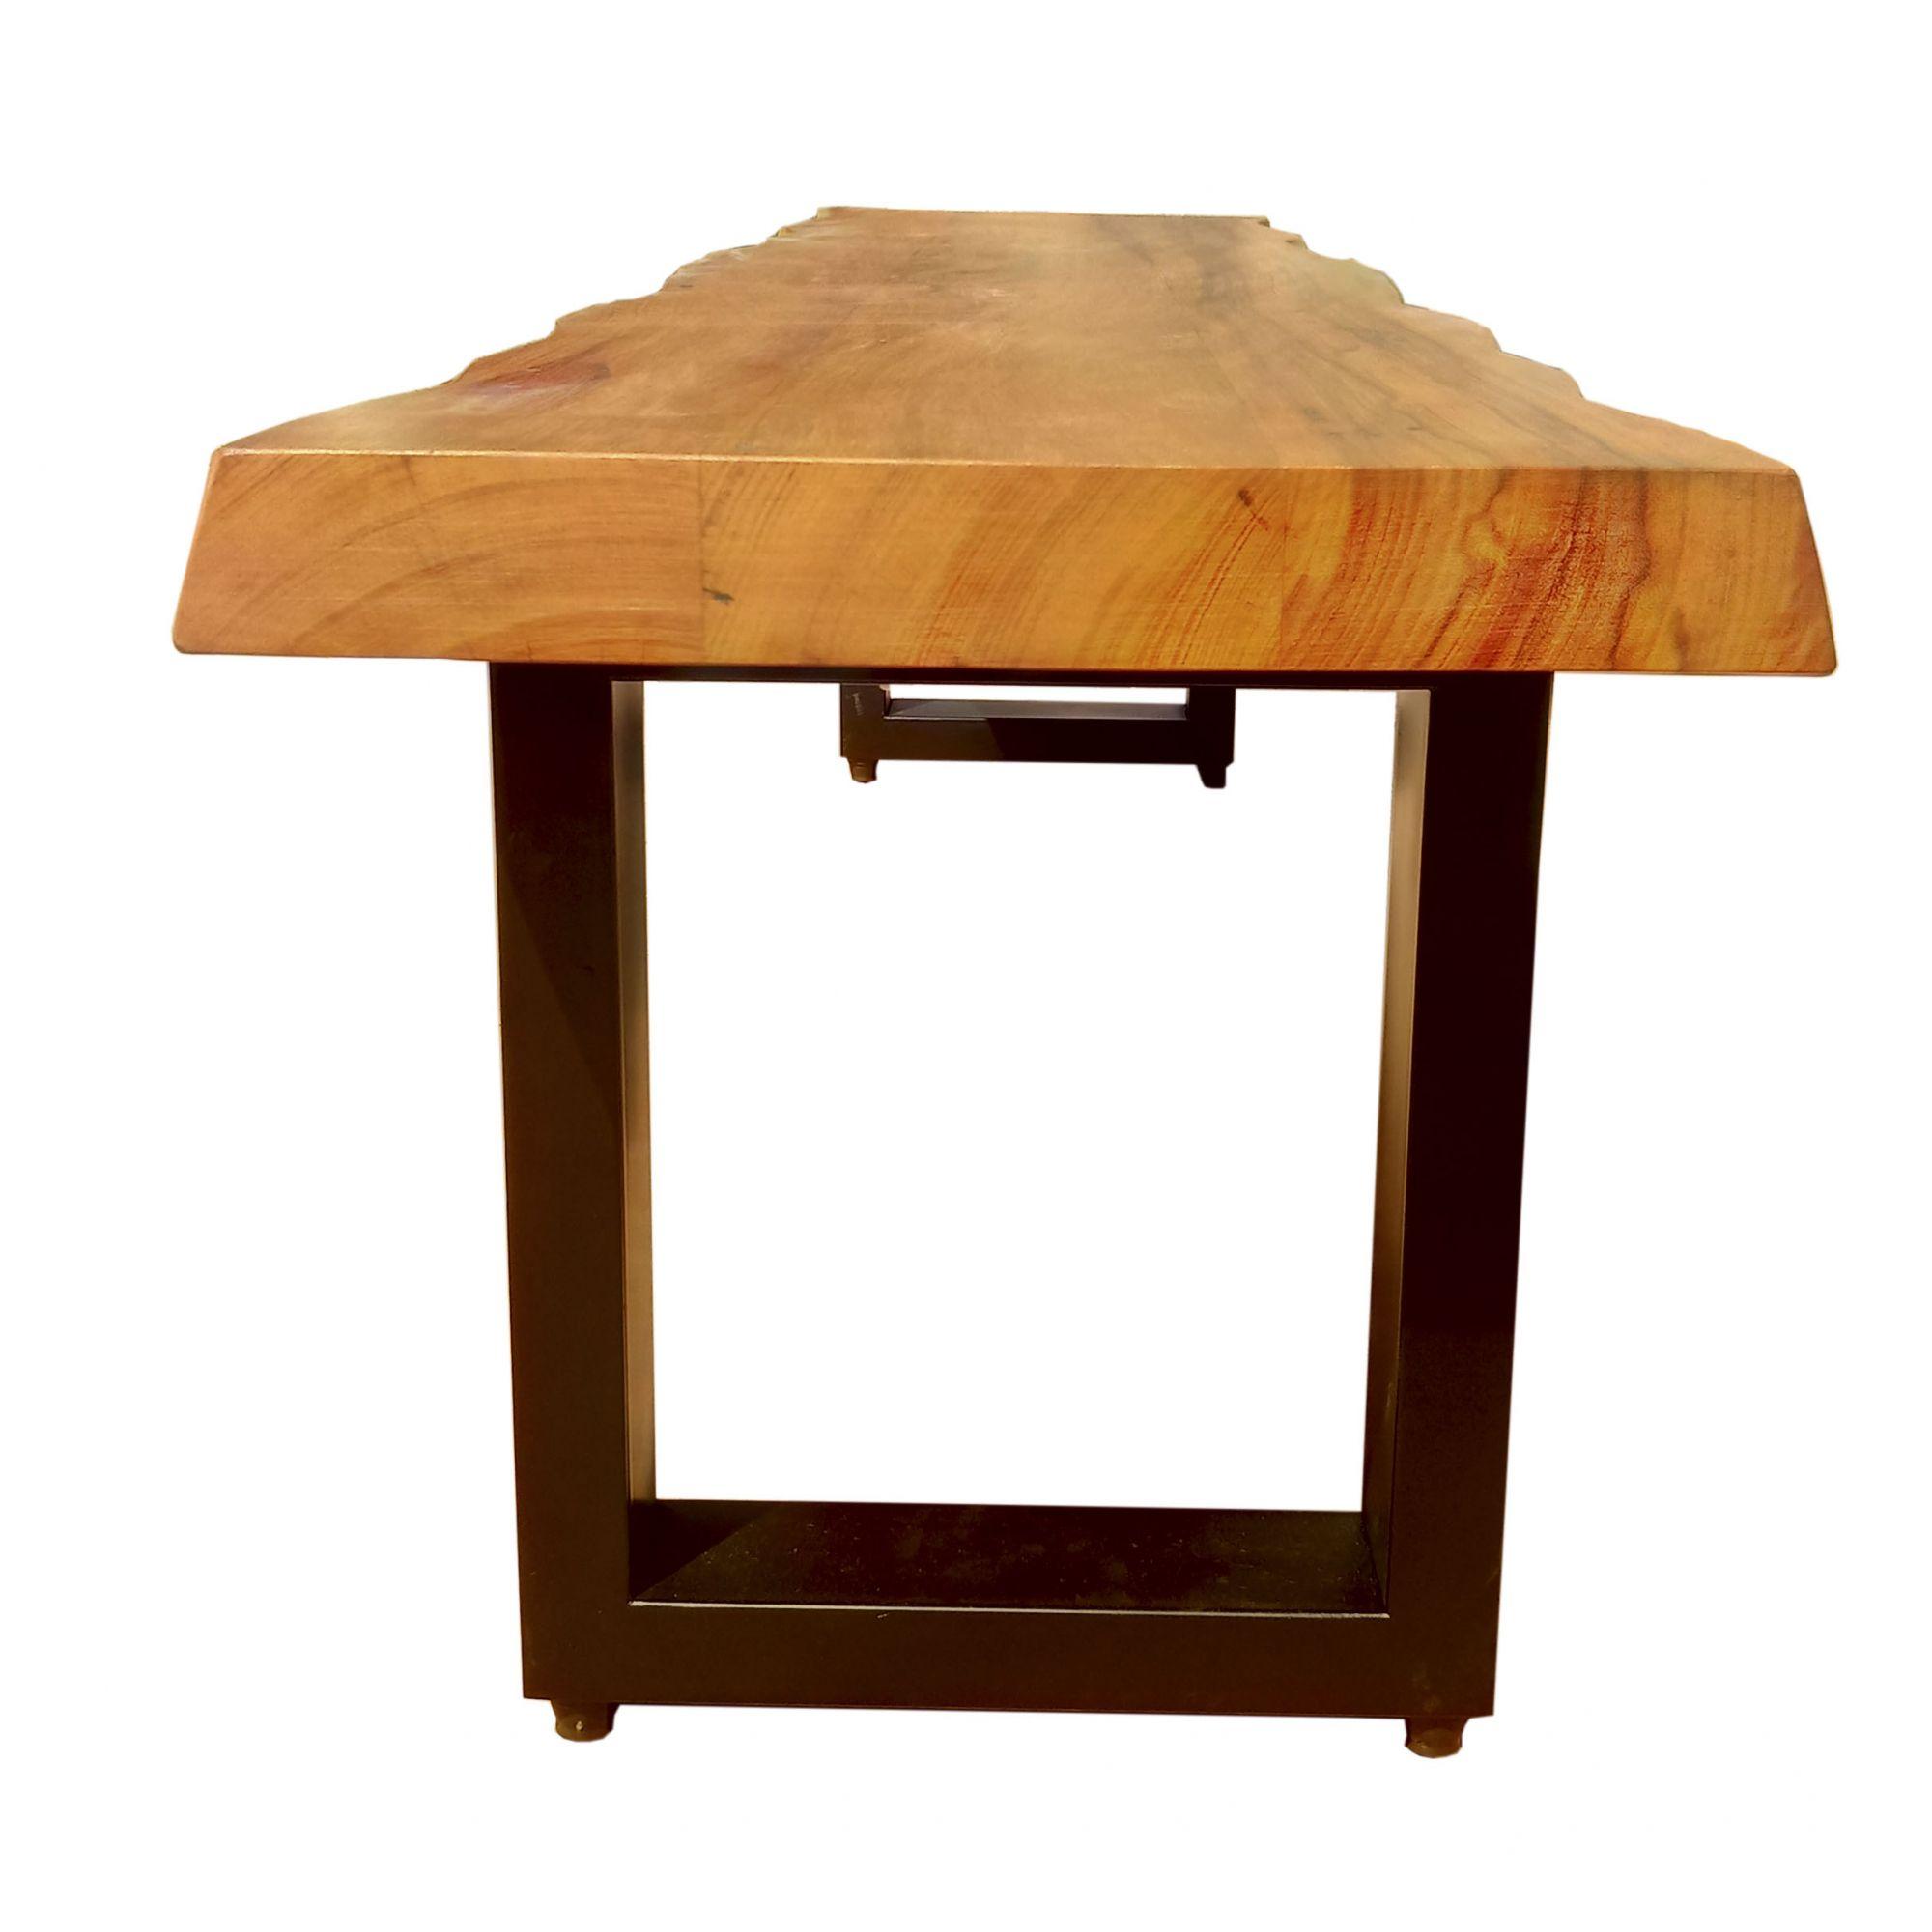 Mesa de prancha de madeira Peroba 2.20 metros  - Marcenaria De Demolição